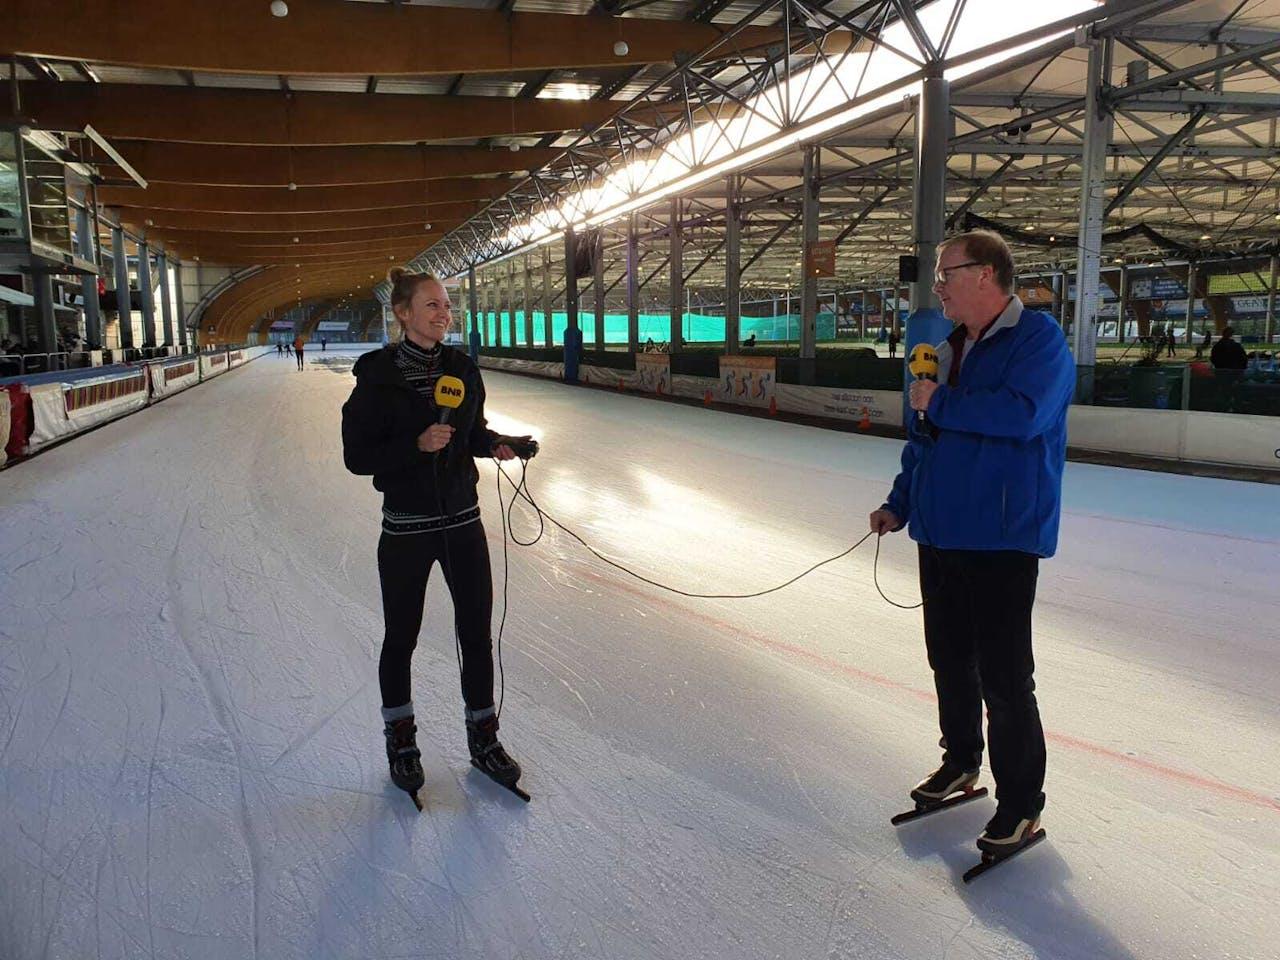 Karlijn Meinders in gesprek met Frank Zuurendonk, ijsmeester bij Ijsbaan Haarlem.